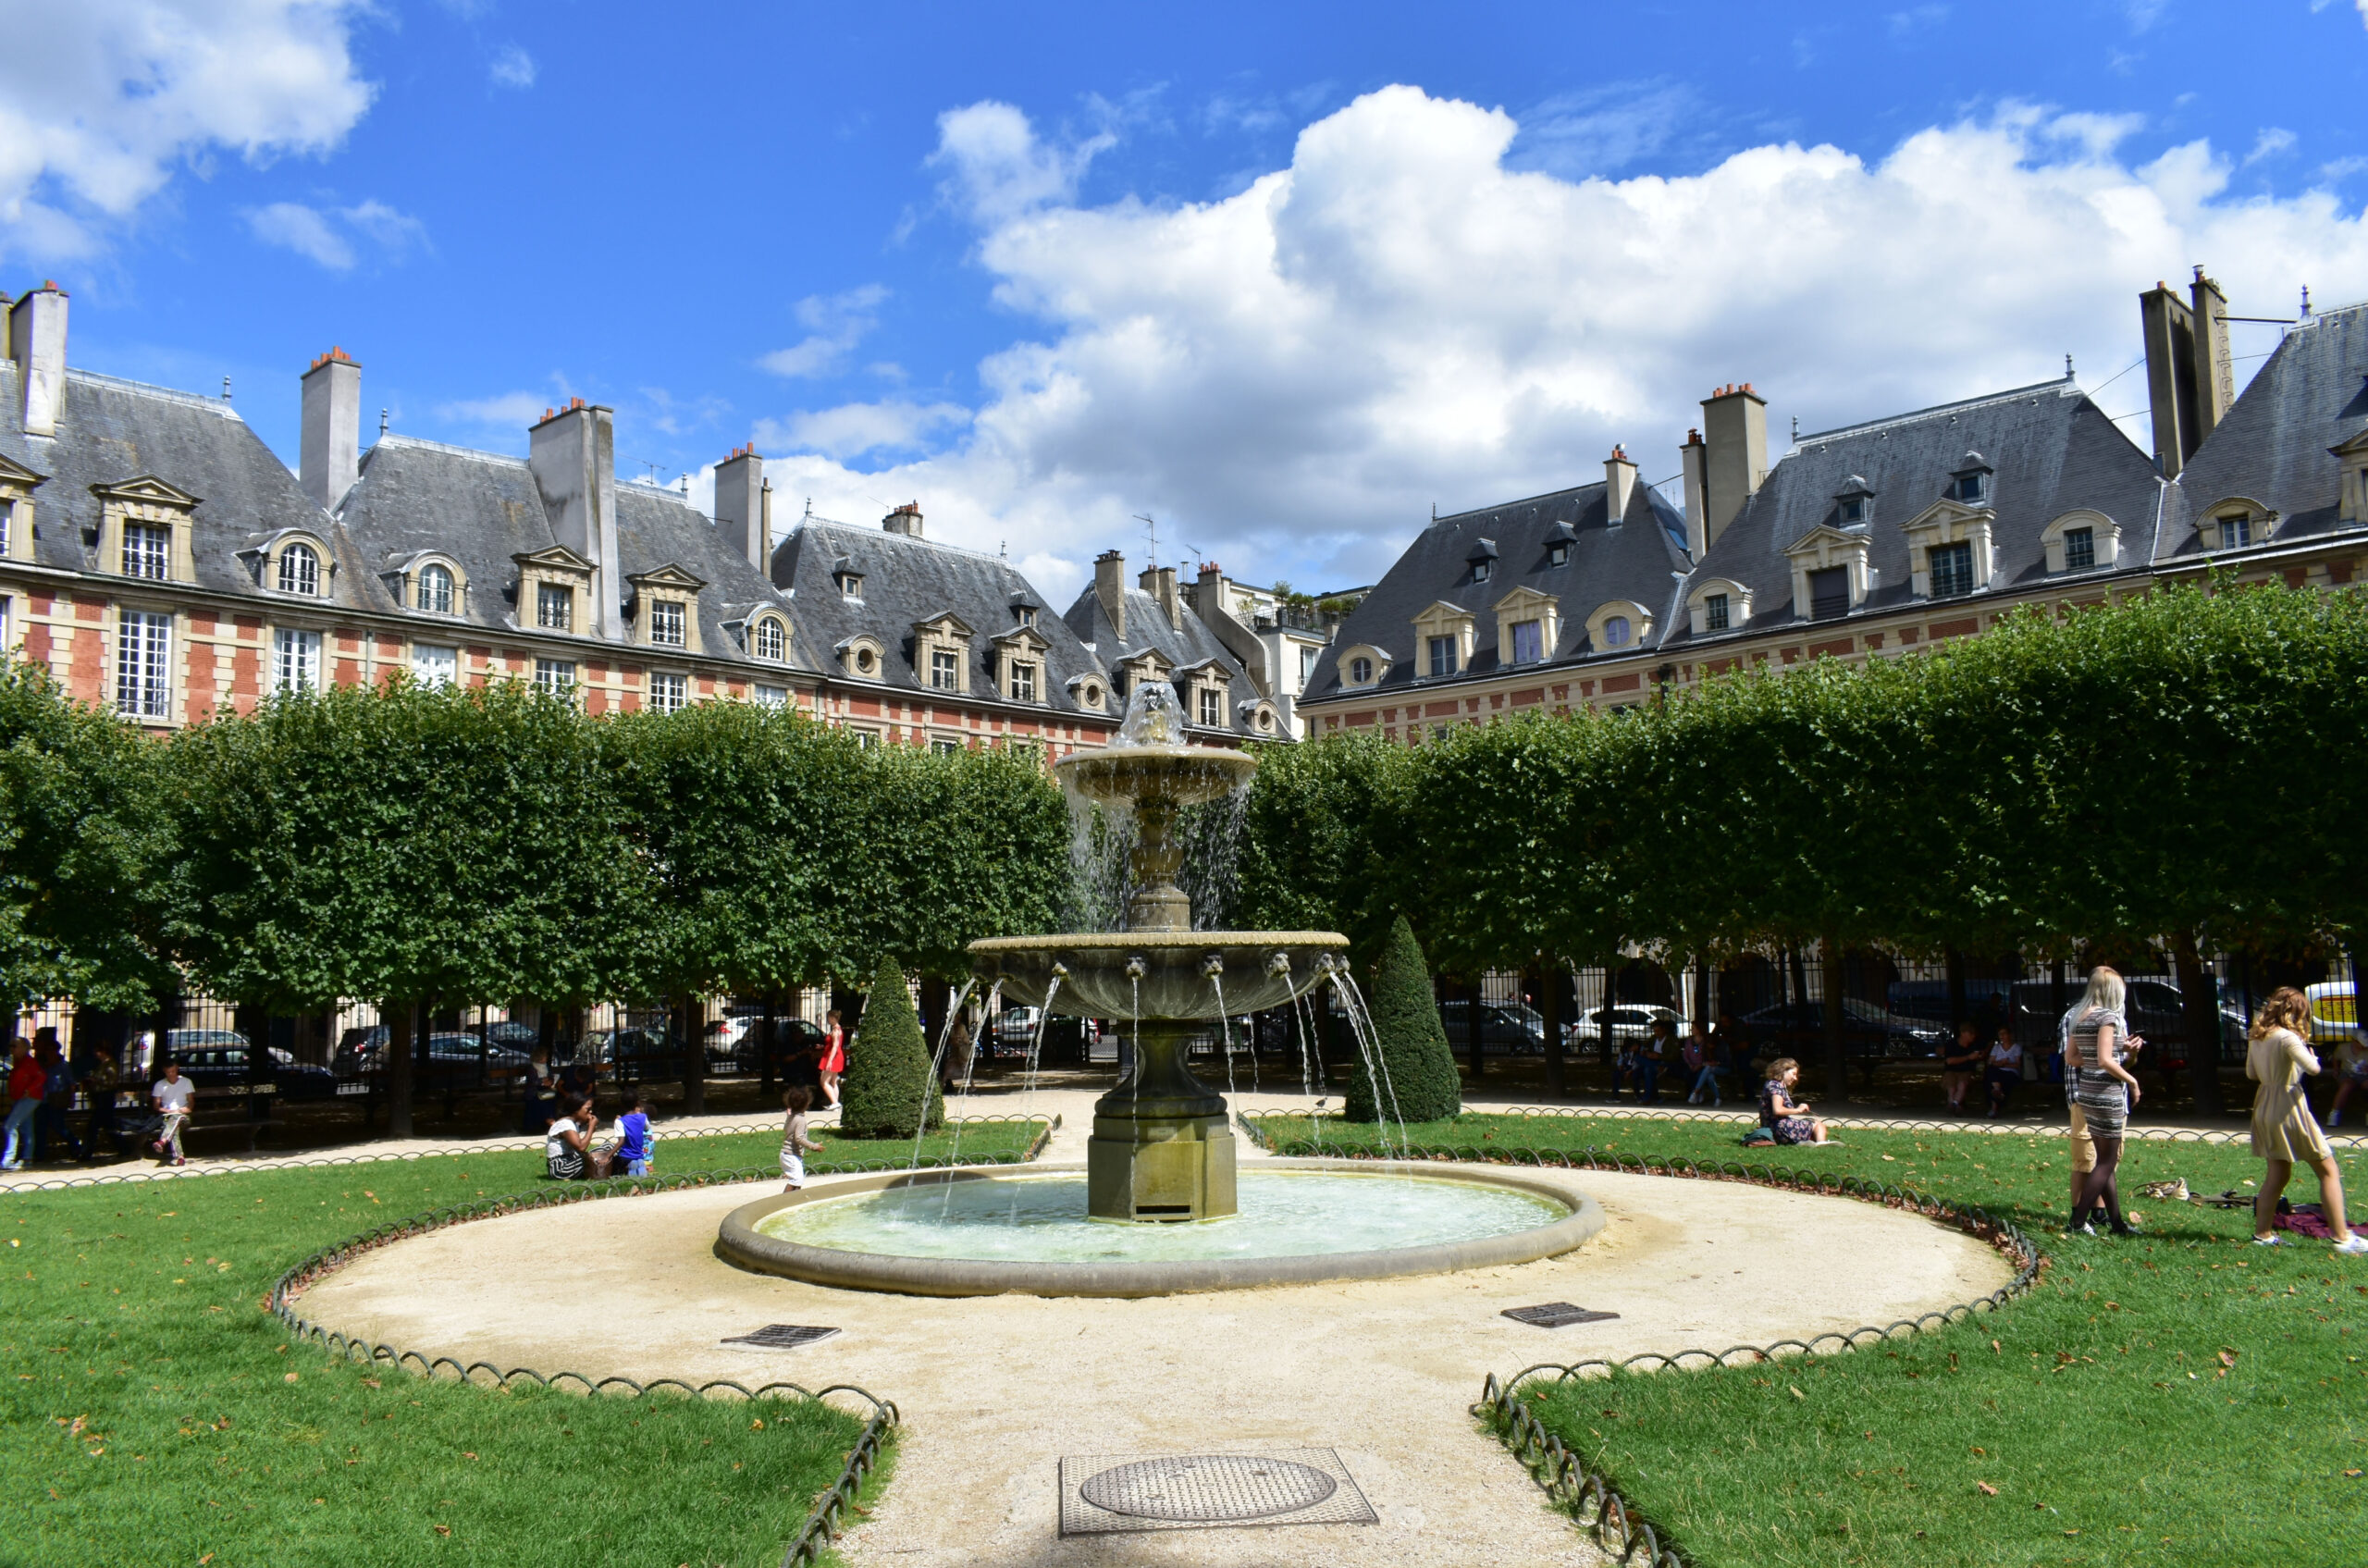 Place des Vosges fontene midten av plassen struktur bygninger hage